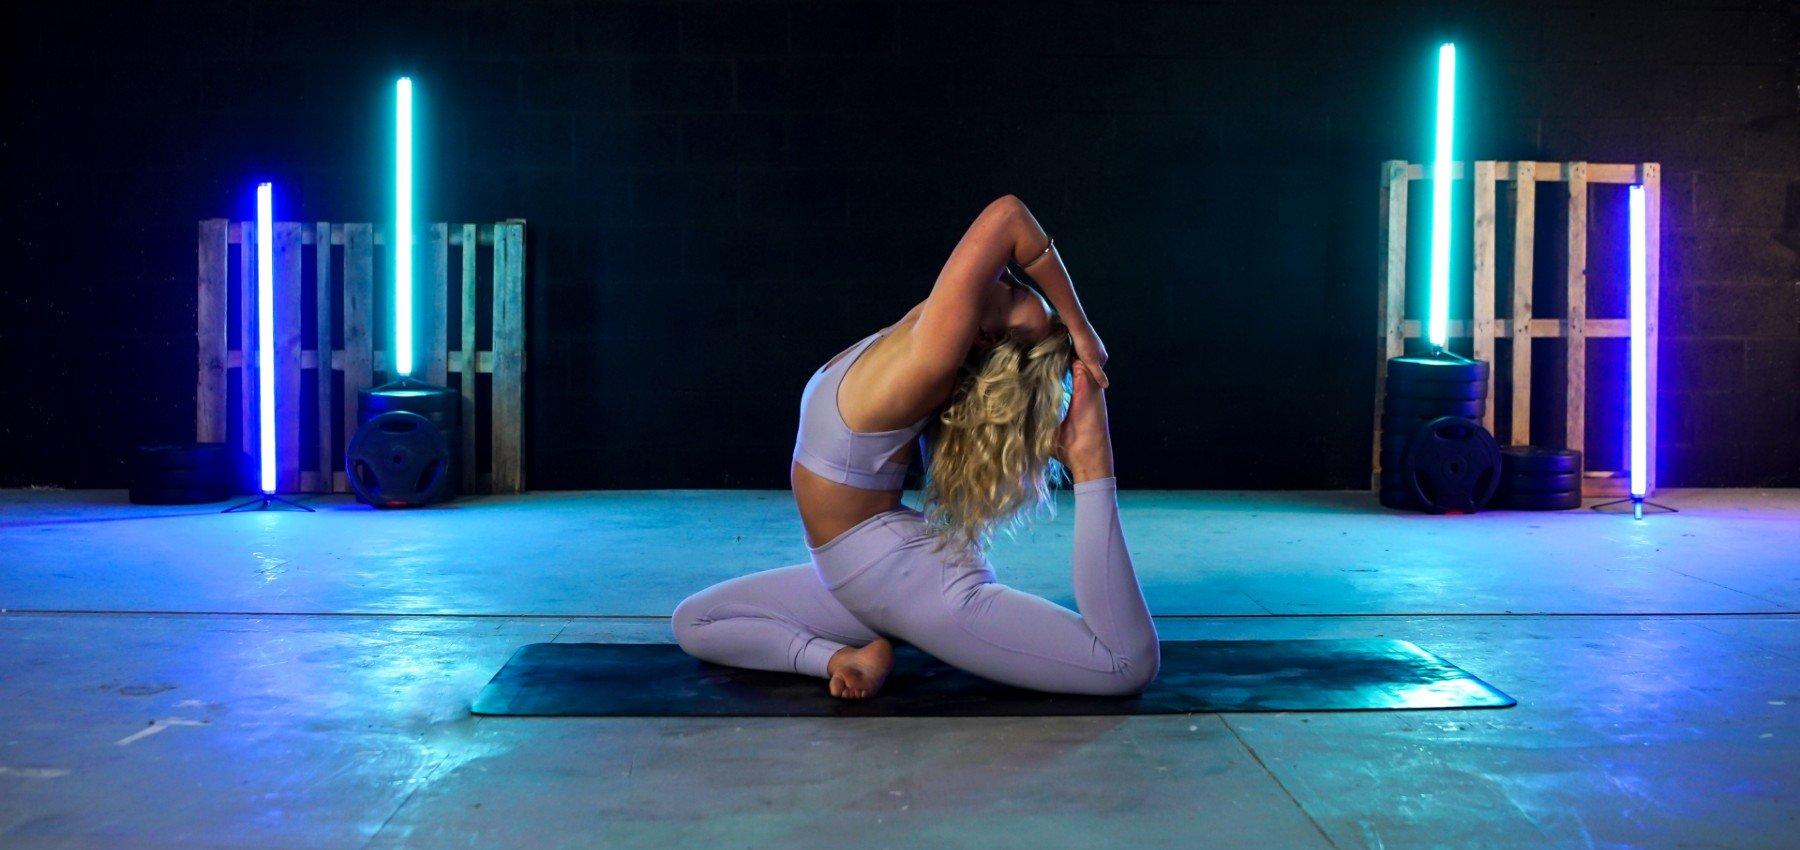 Správa výživa pri cvičení jogy | Strava ako kľúč k úspechu